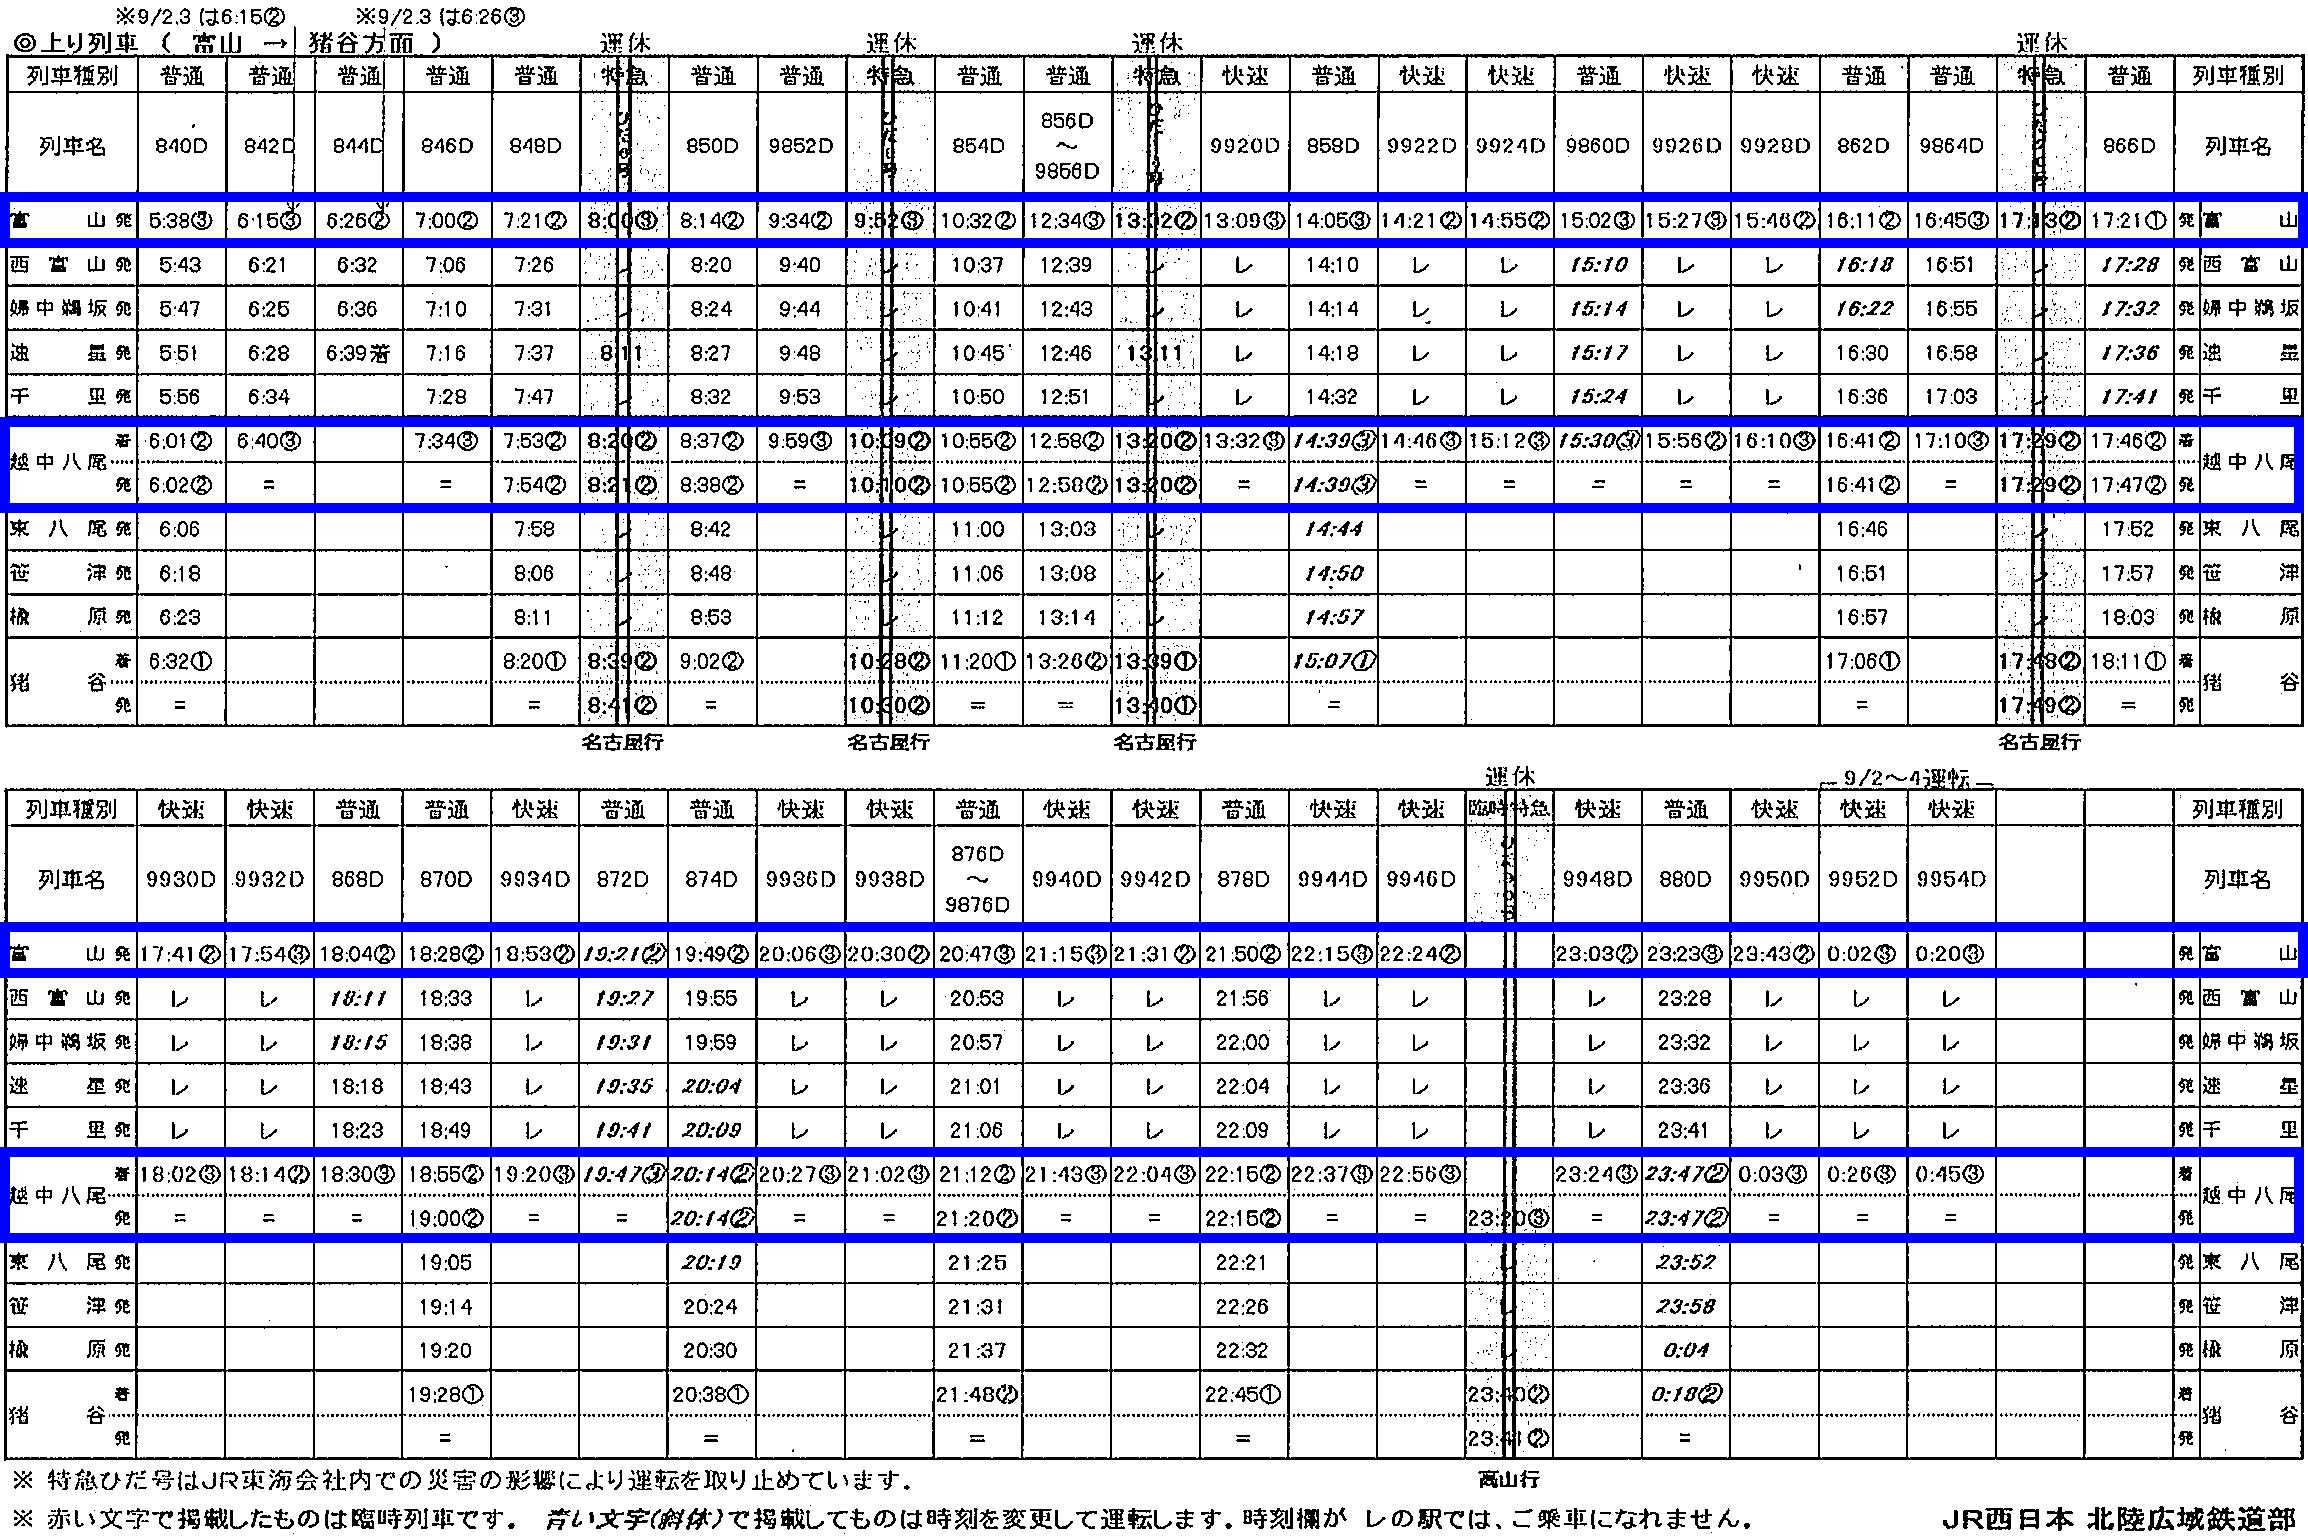 越中八尾おわら風の盆2018の臨時列車時刻(行き)